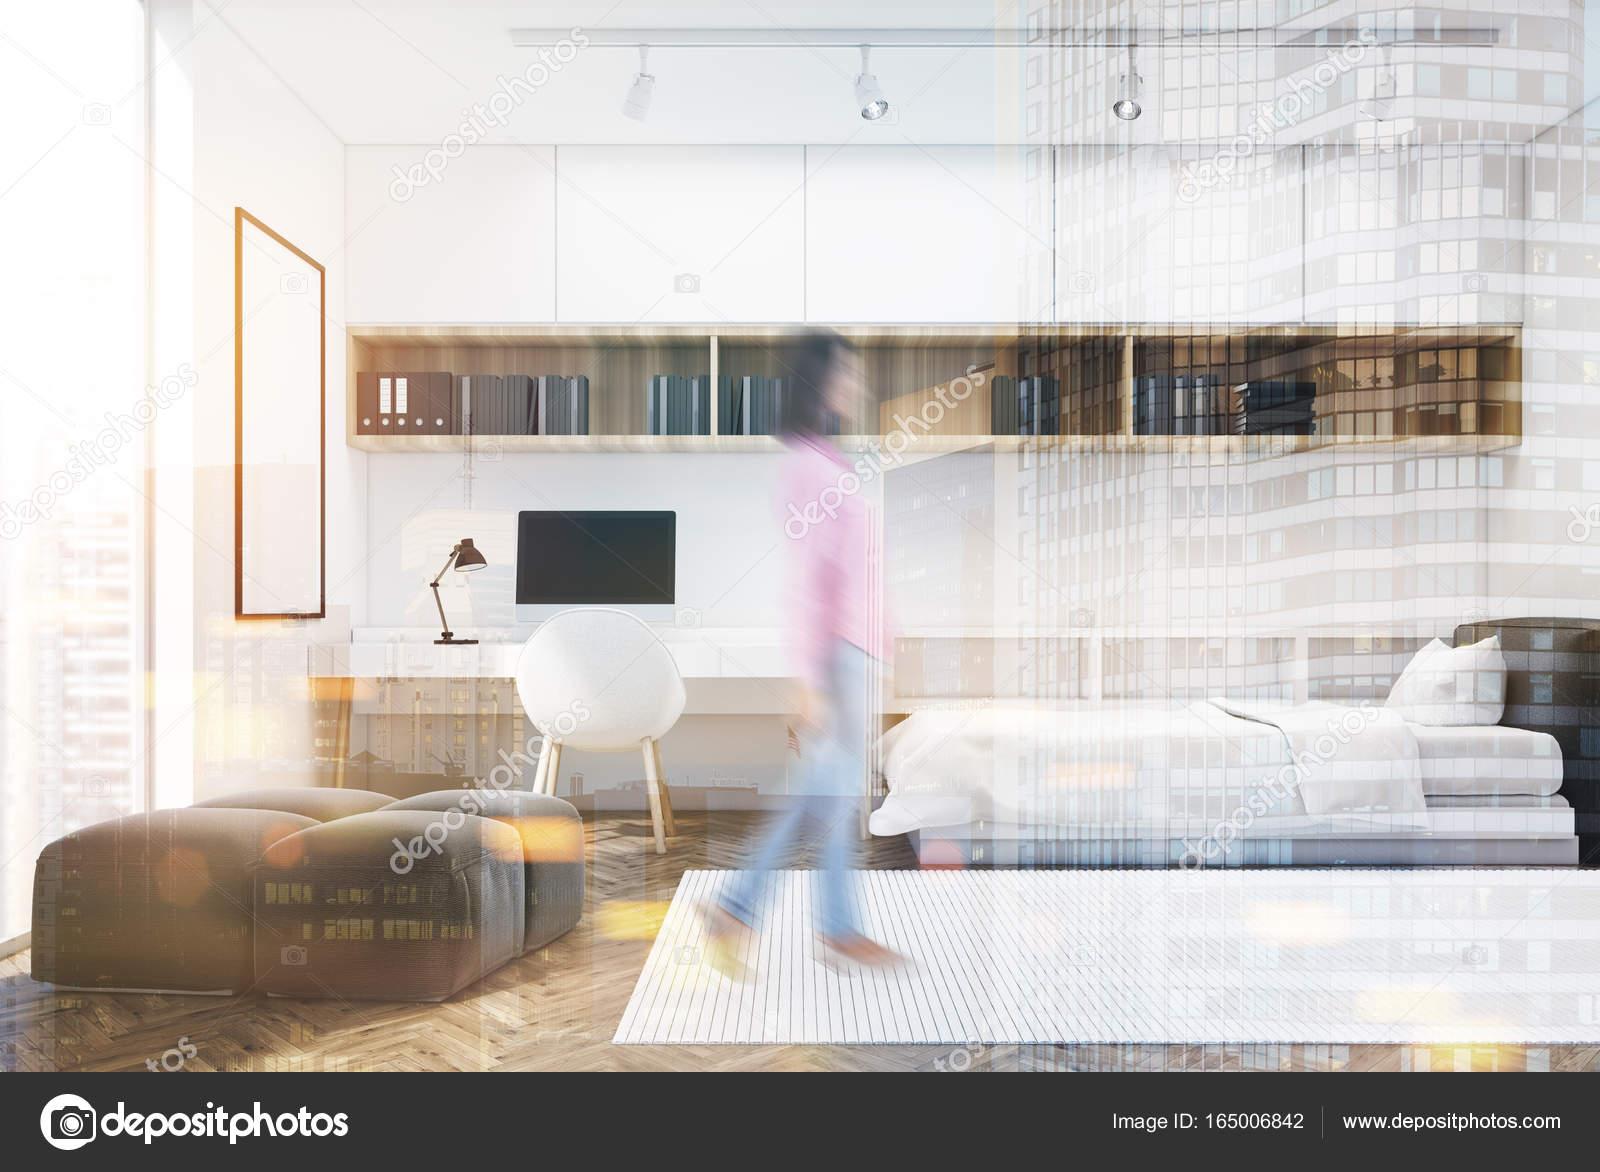 Chambre mur blanc et bureau à domicile maison fille u2014 photographie